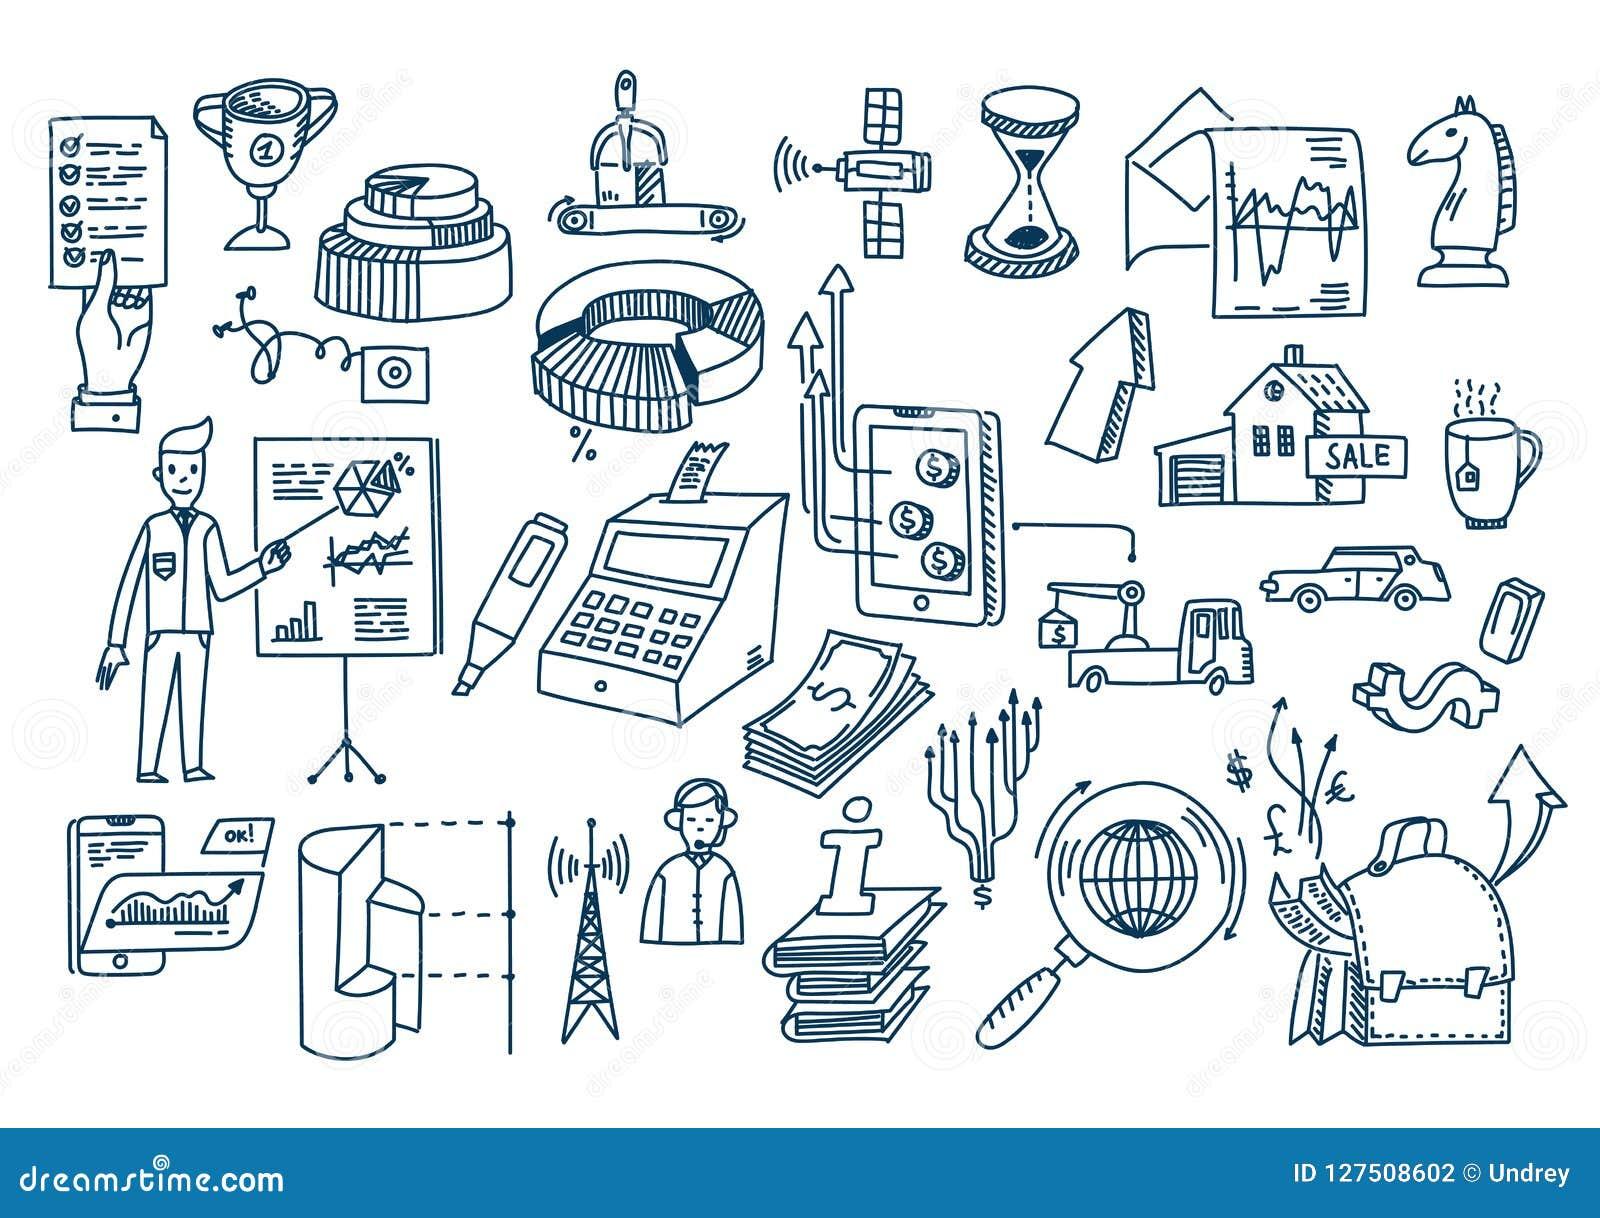 Επιχειρησιακά doodles συρμένα χέρι διανυσματικά στοιχεία και σύμβολα